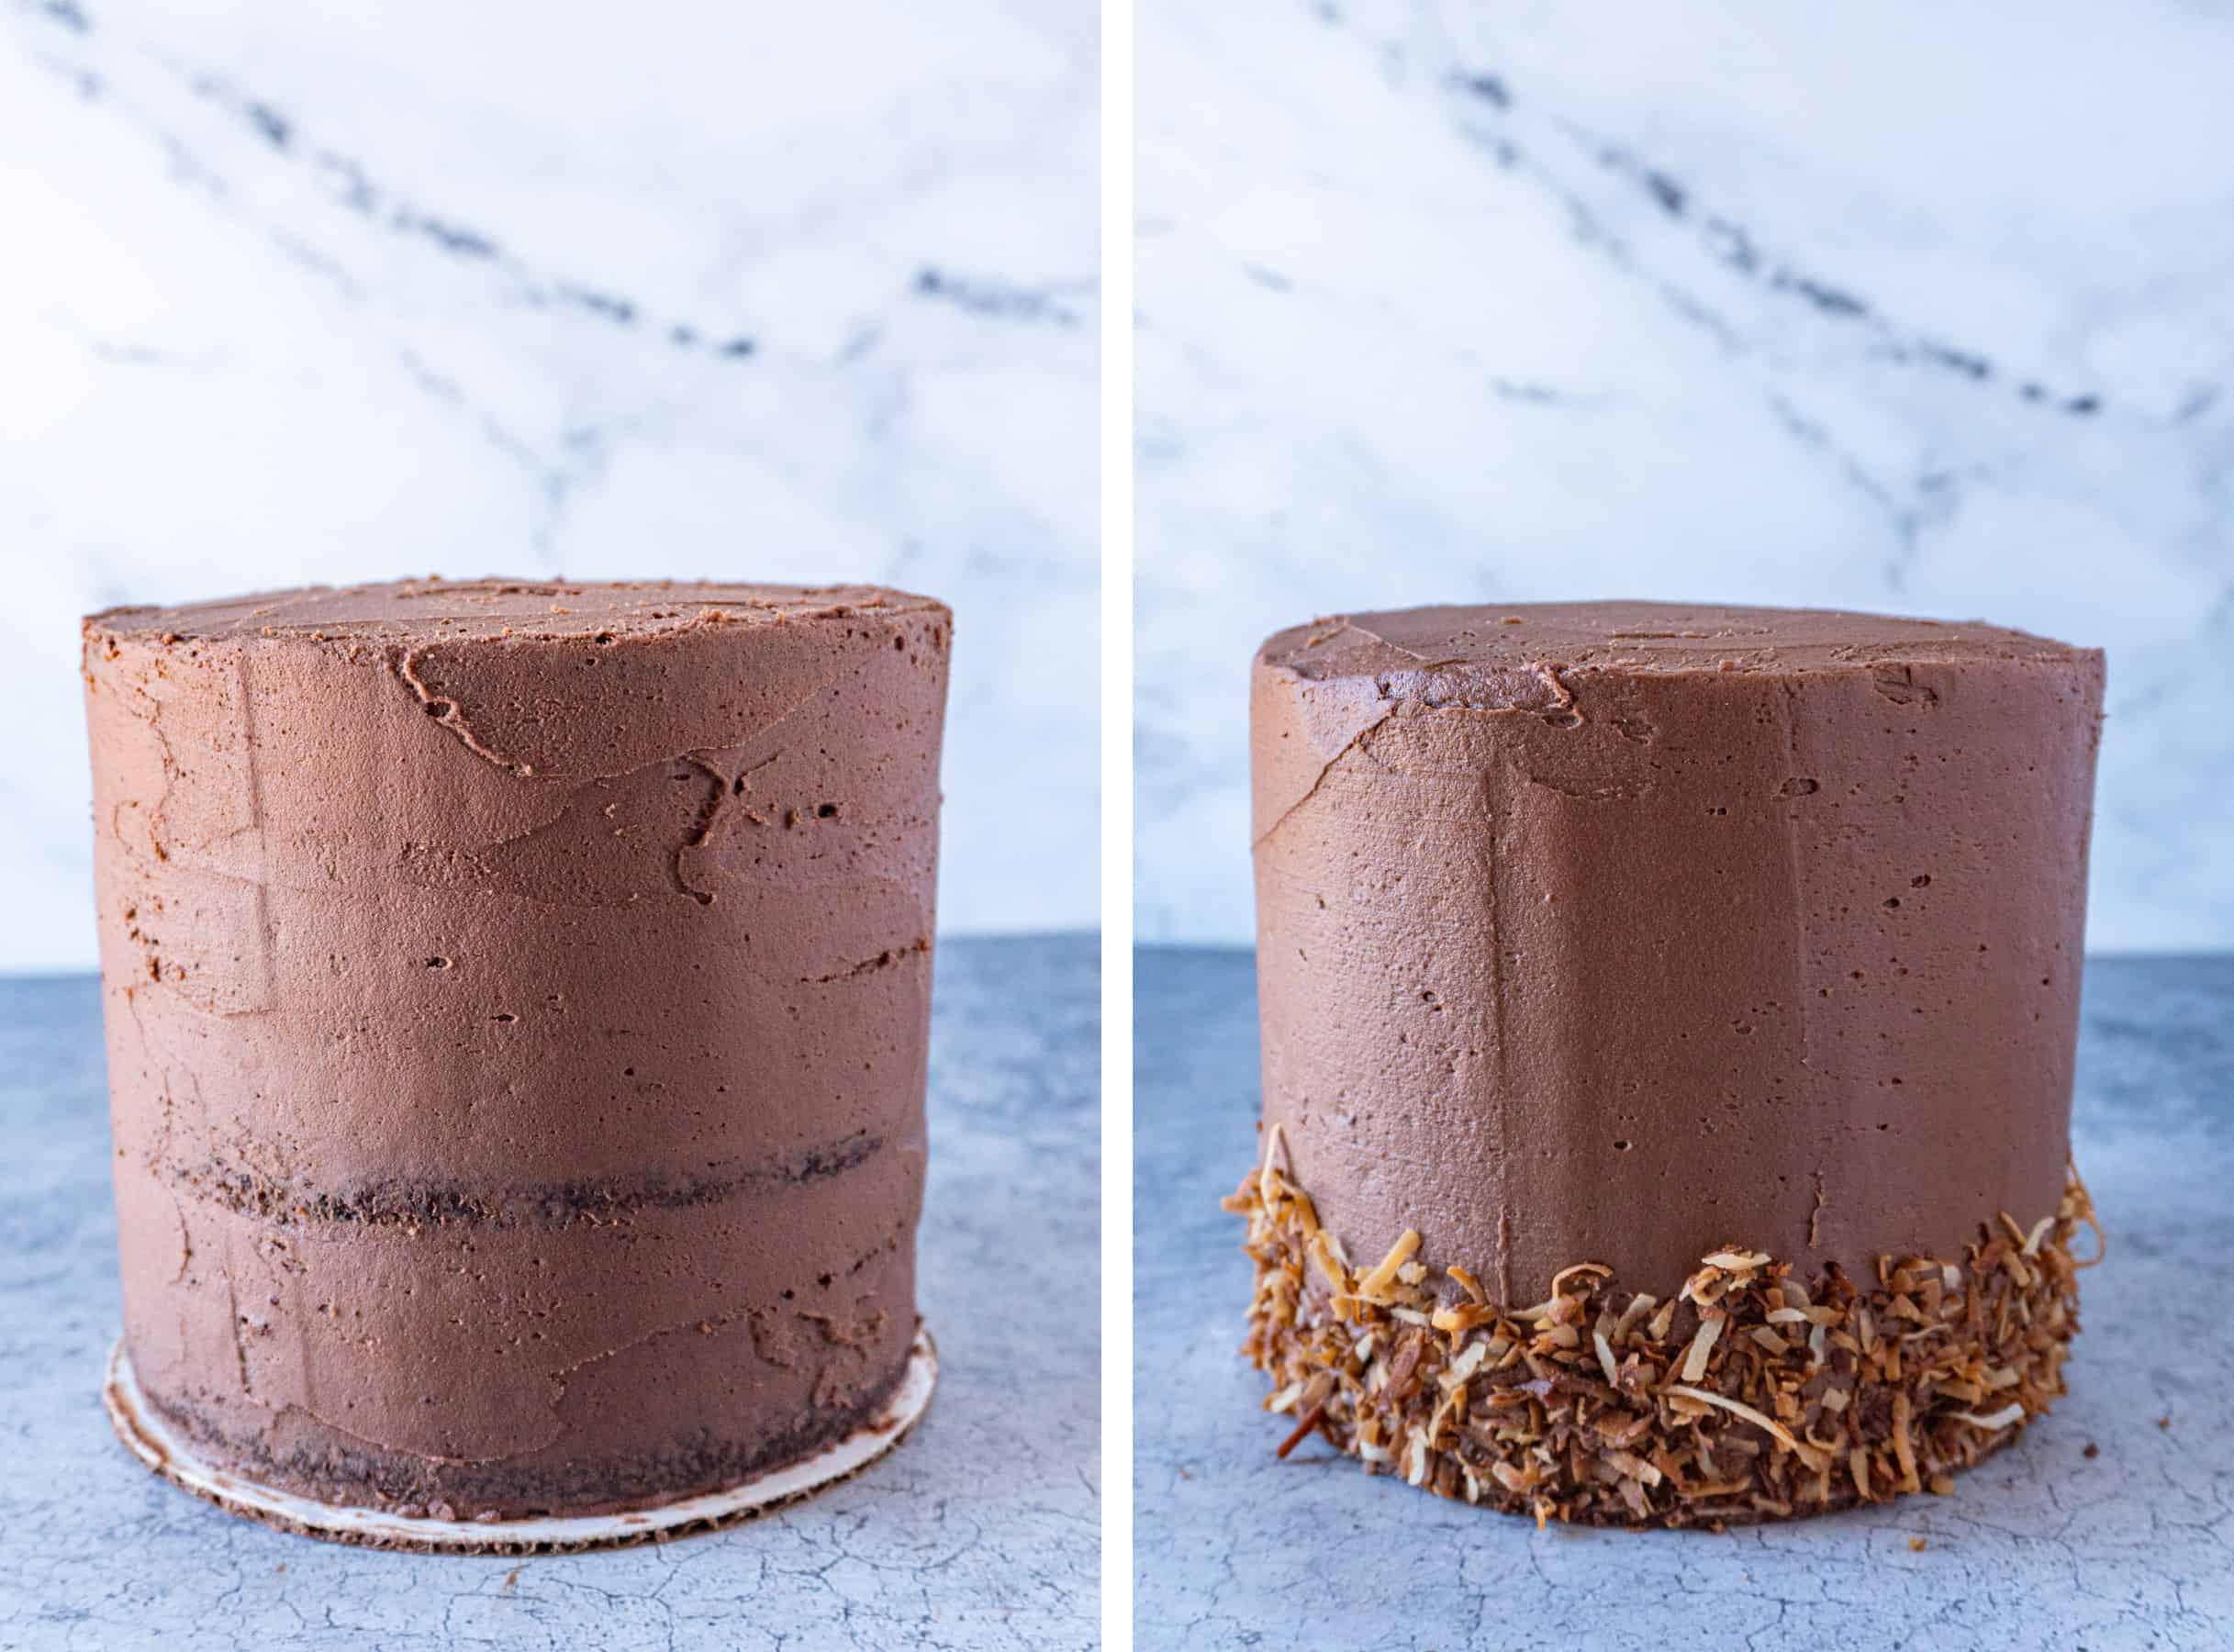 German Chocolate Cake Crumb Coat vs final coat